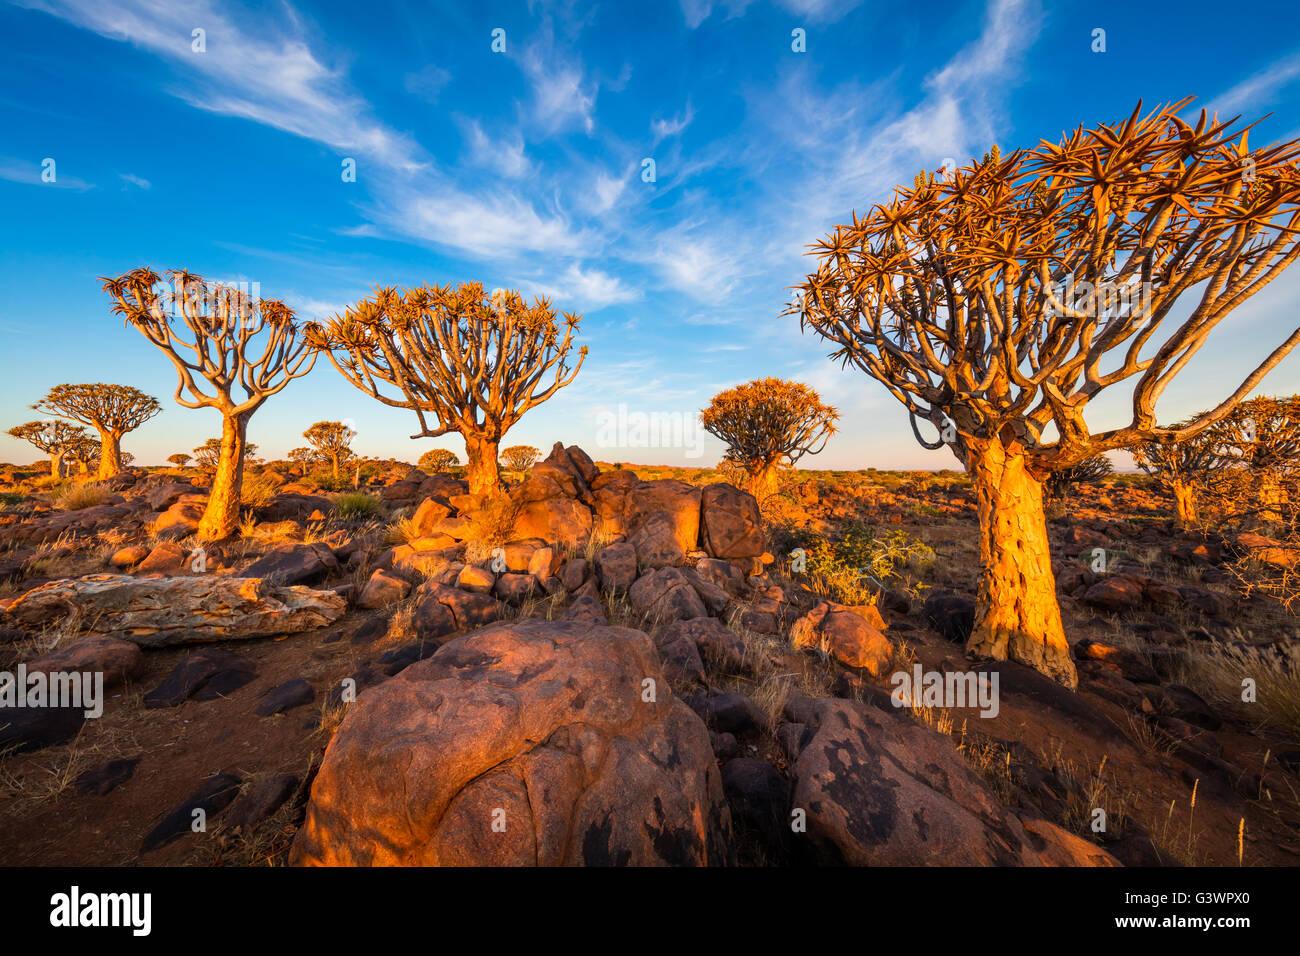 Der Köcherbaumwald (Kokerboom Woud in Afrikaans) ist ein Wald und touristische Attraktion der Süden Namibias. Stockfoto